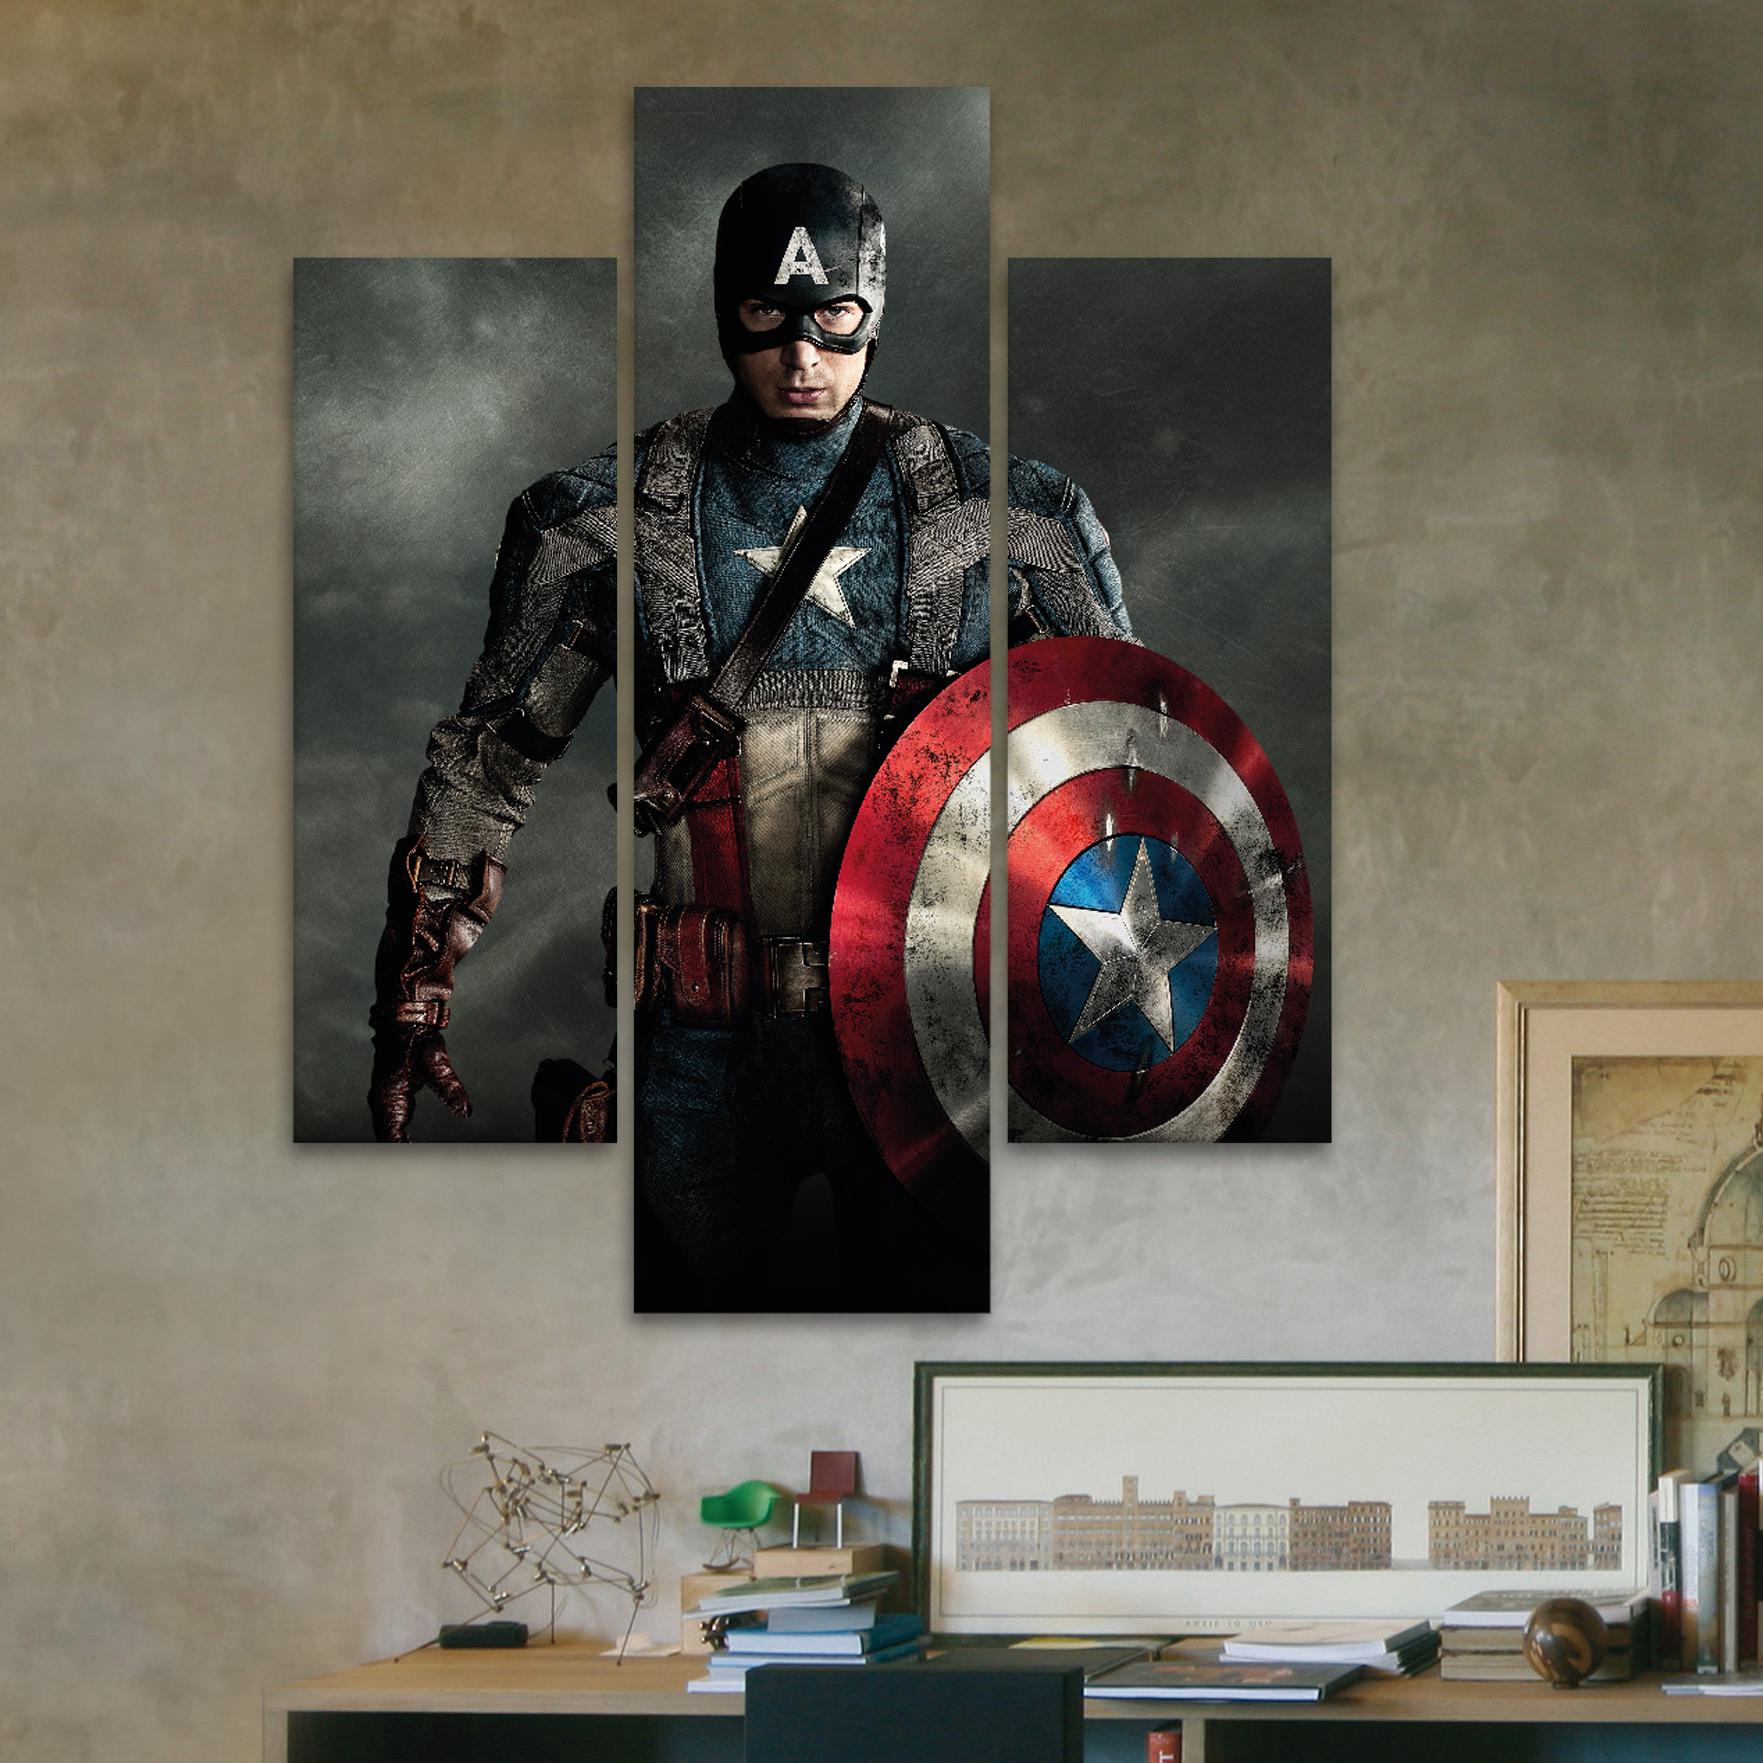 Capitan am rica 80 cm x 70 cm cuadros decorativos for Donde puedo comprar cuadros decorativos